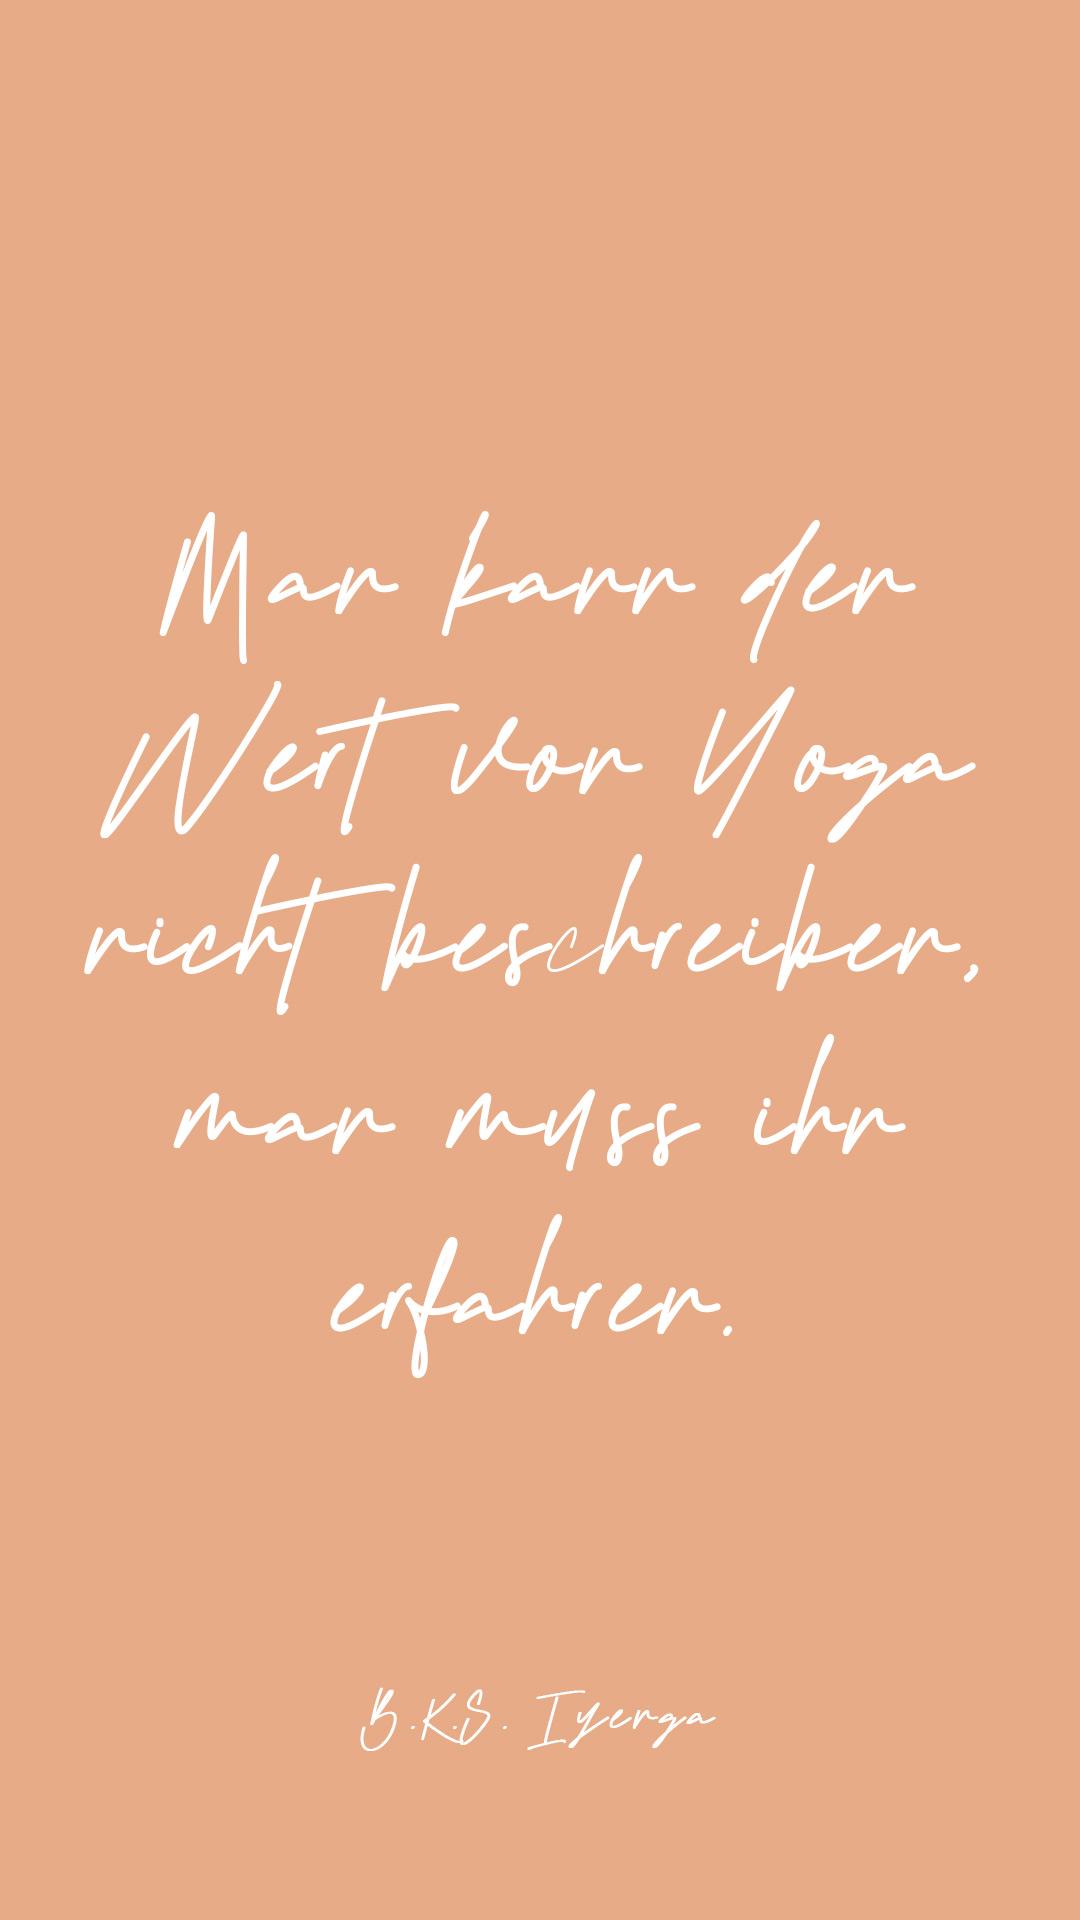 Der Wert von Yoga